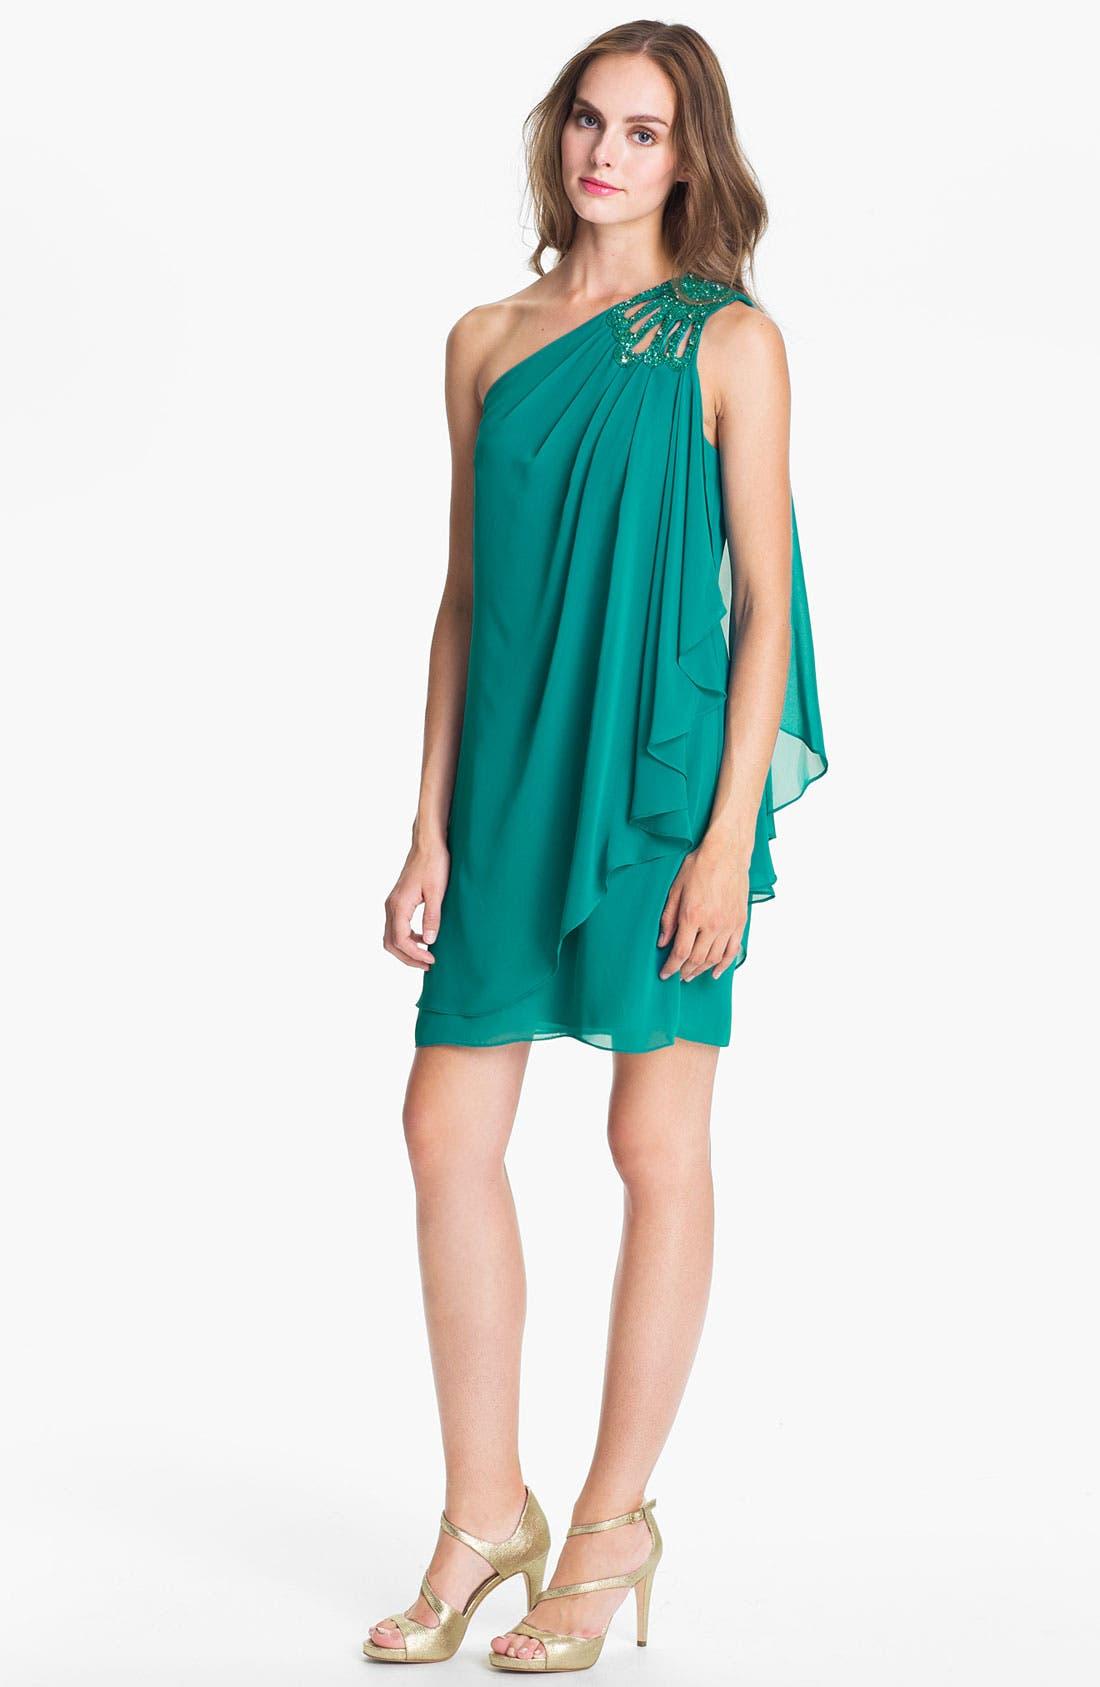 Alternate Image 1 Selected - JS Boutique Embellished One Shoulder Chiffon Dress